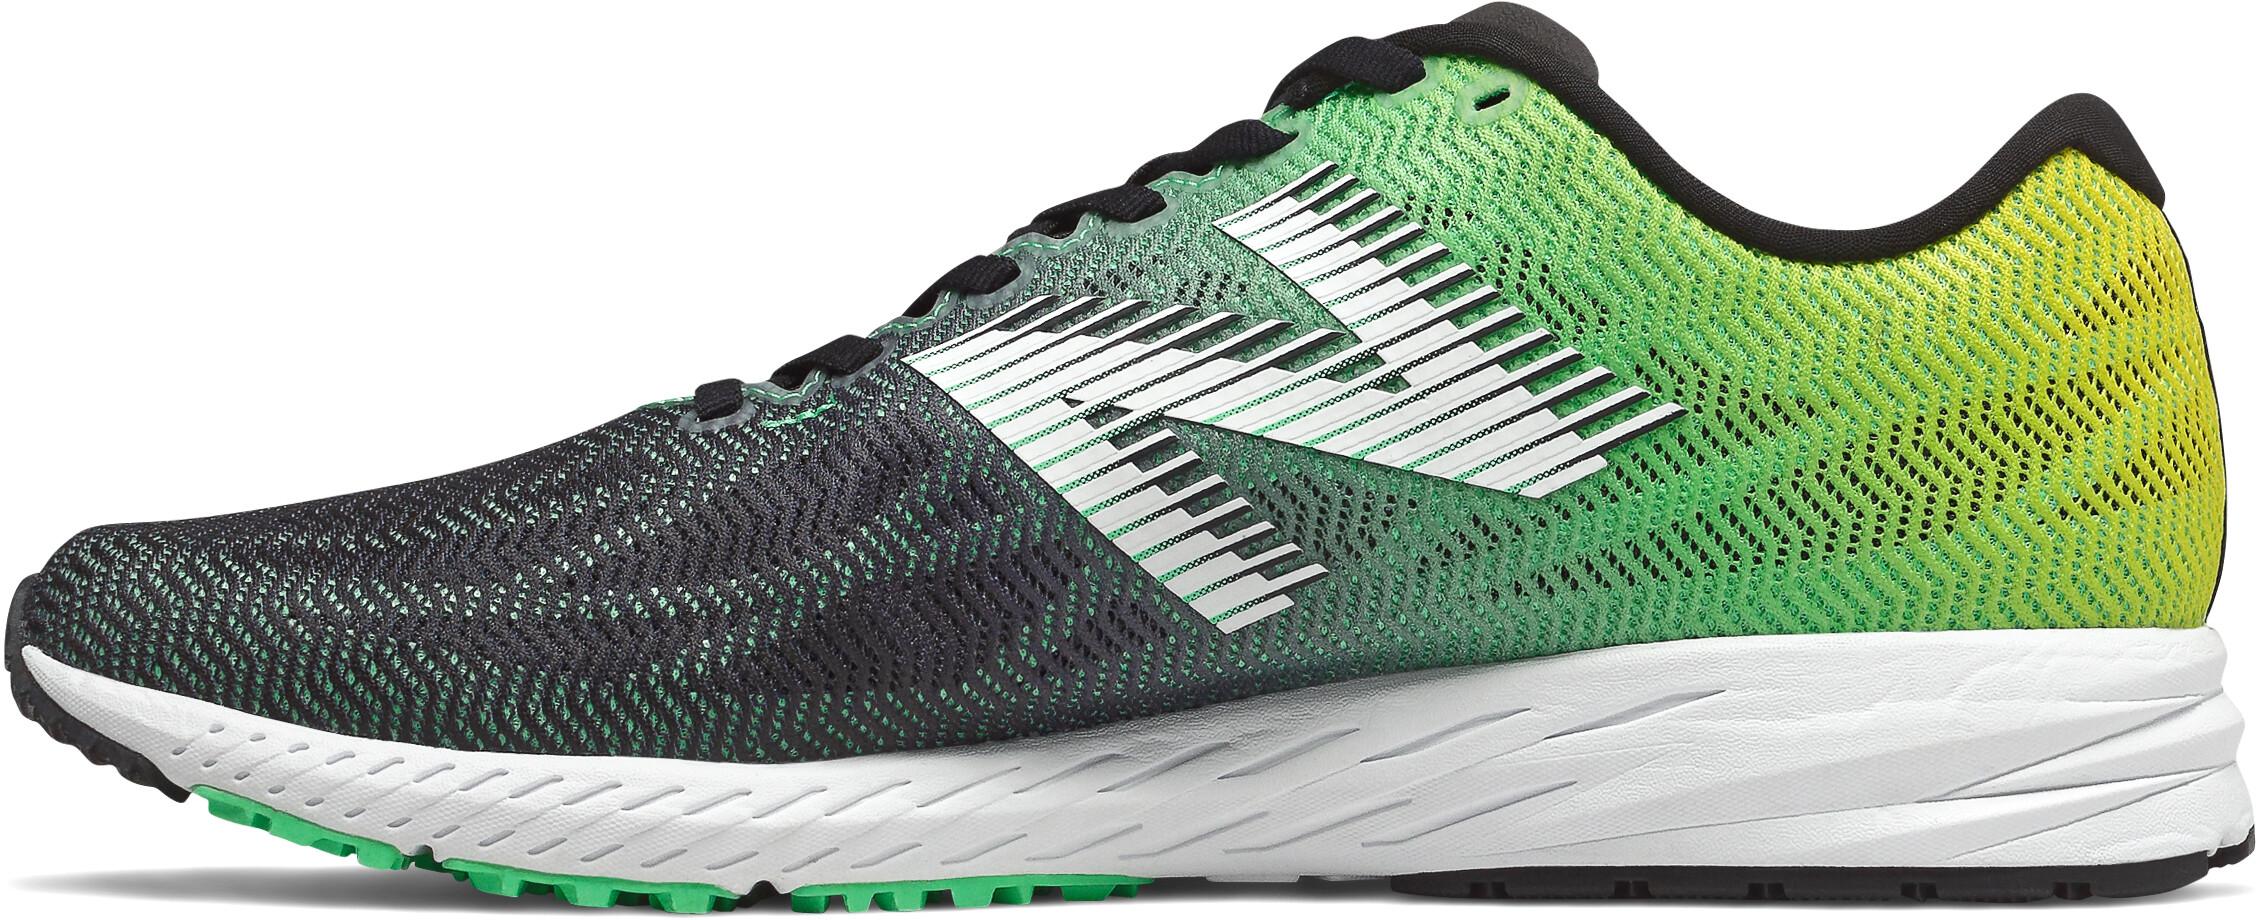 new concept 280d0 3723e New Balance 1400 v6 Shoes Men black/green